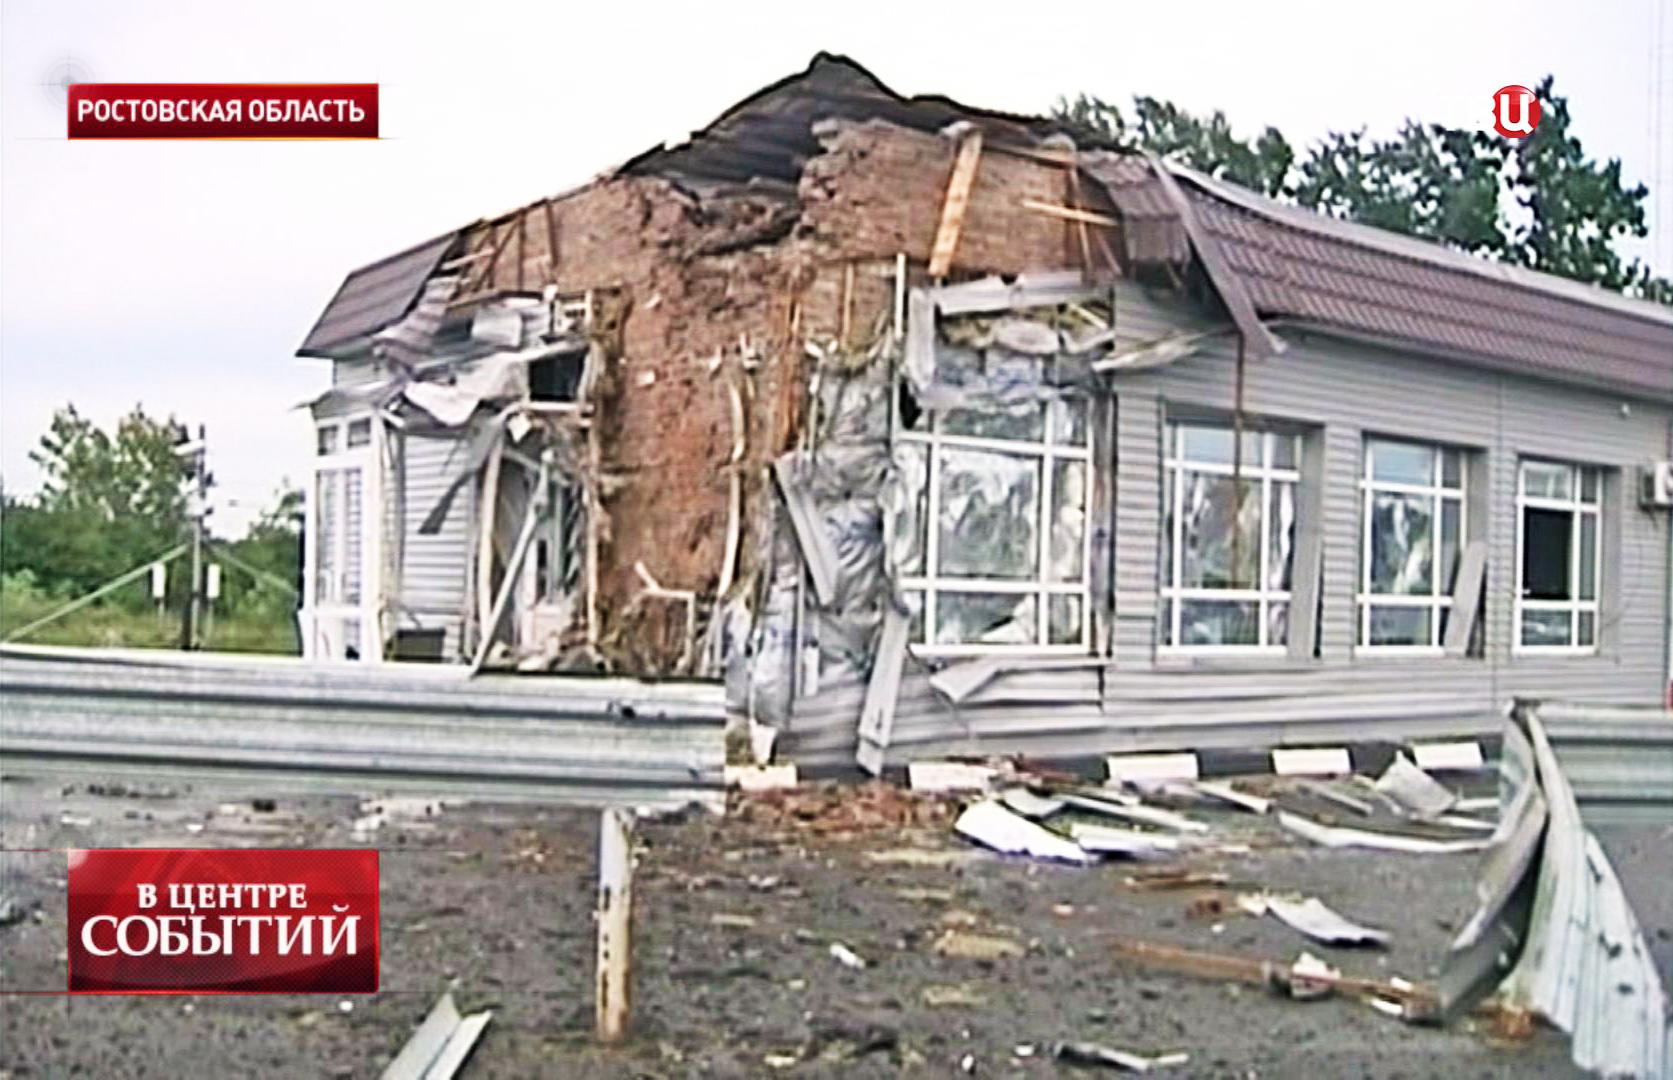 Разрушенный КПП на пограничном пункте российско-украинской границы